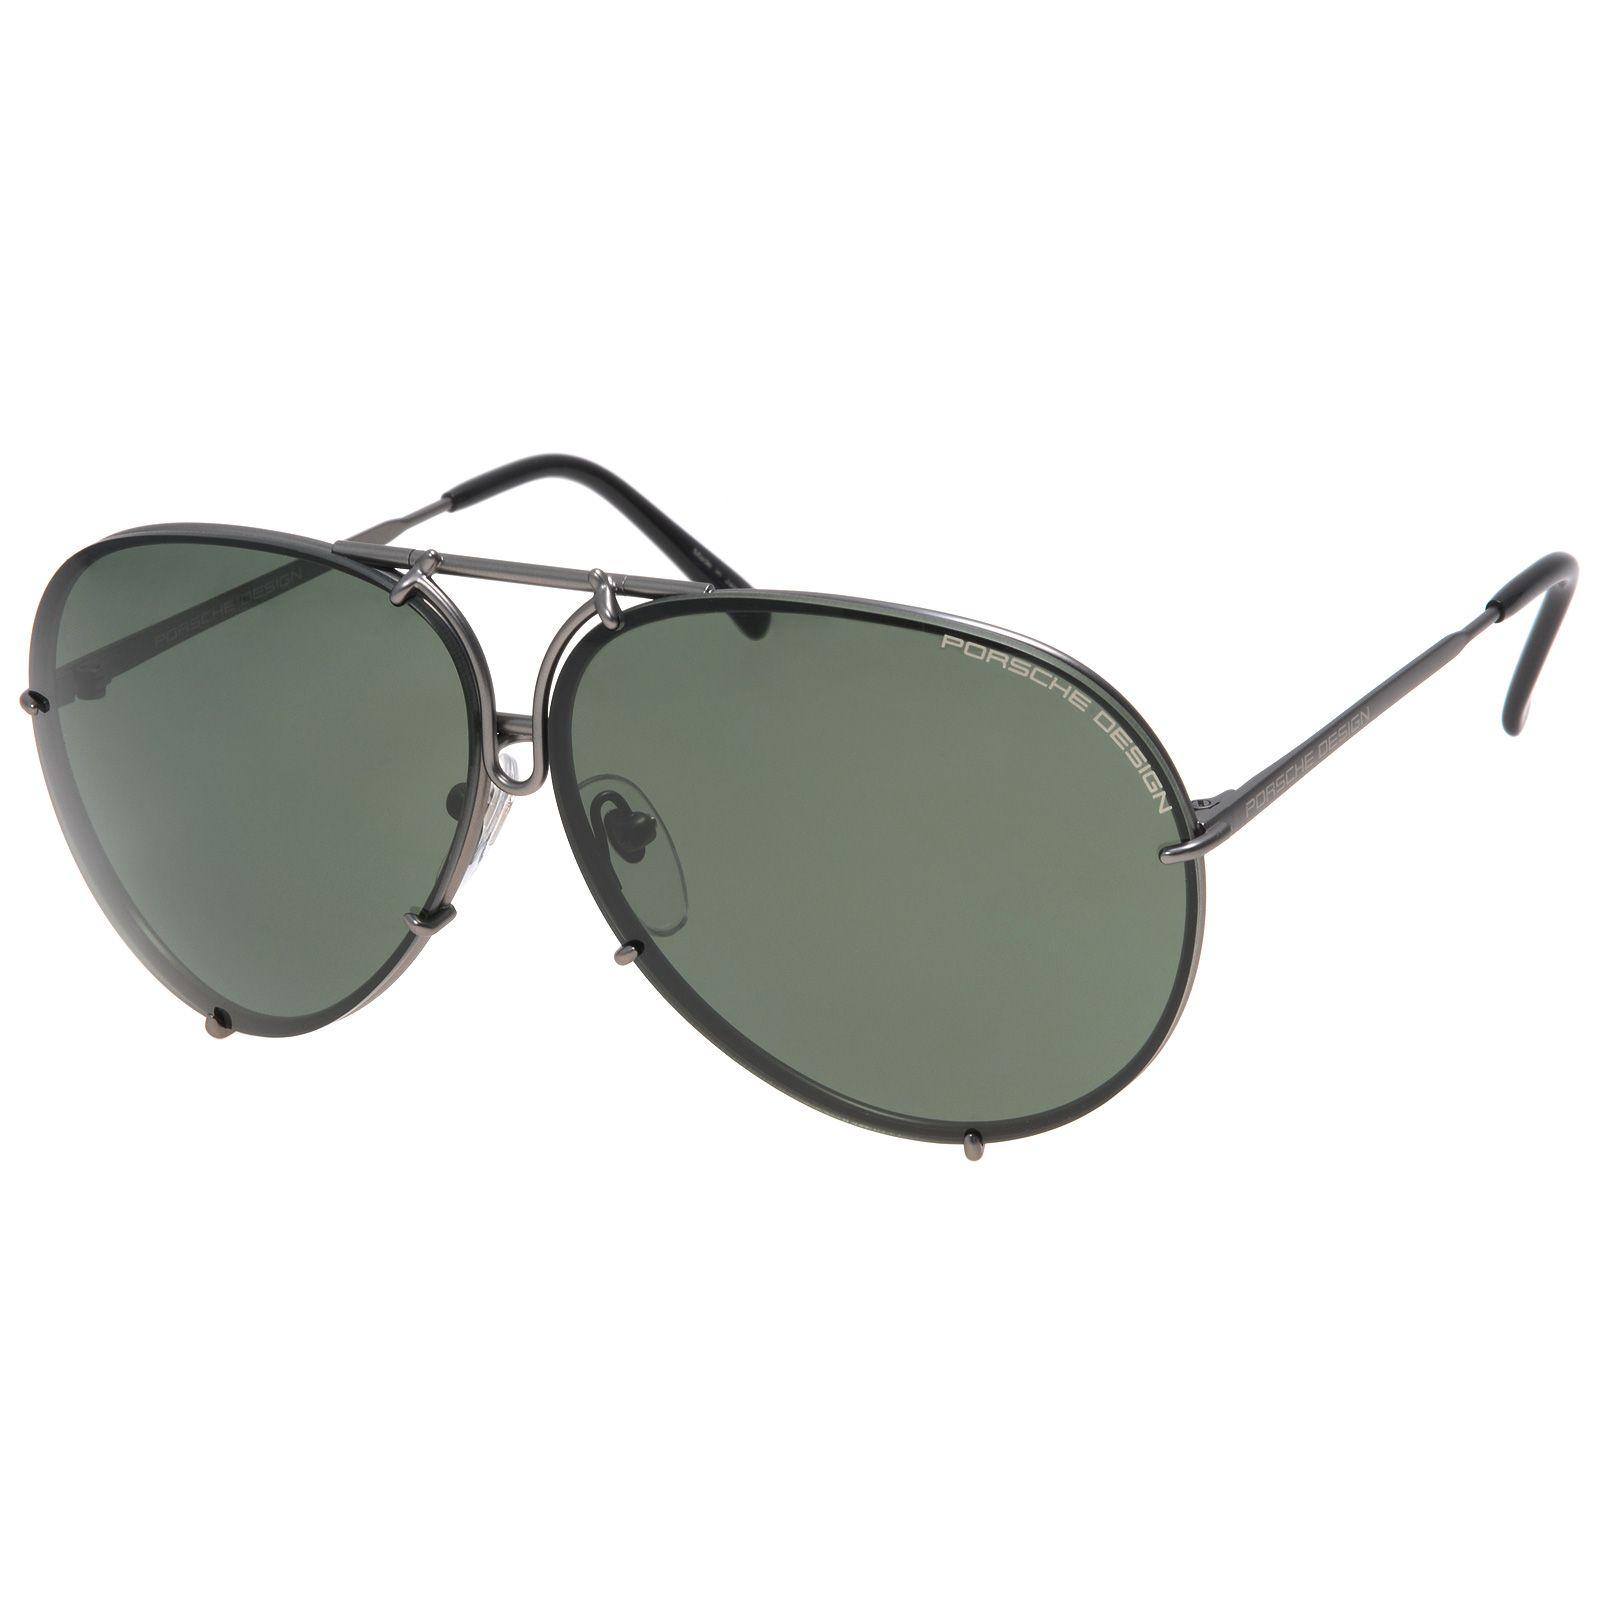 Porsche Design Sonnenbrille (P8637 C 57) tzTnBF